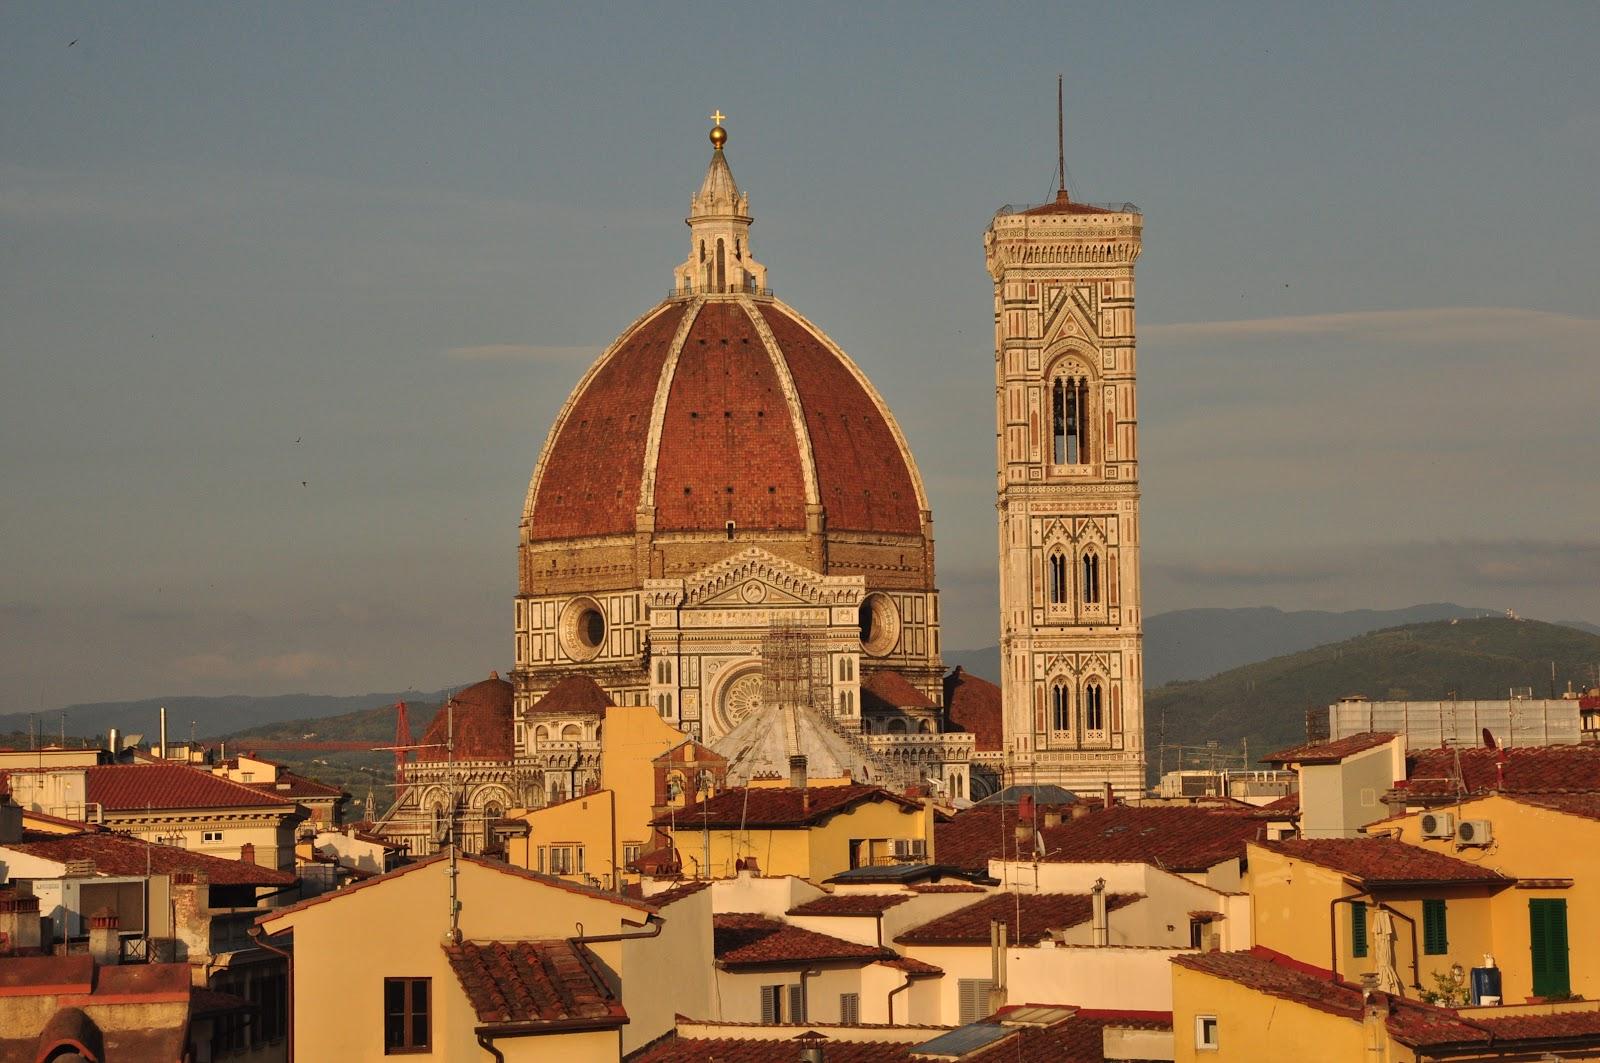 AVVBELL_Florence duomo _0896.JPG